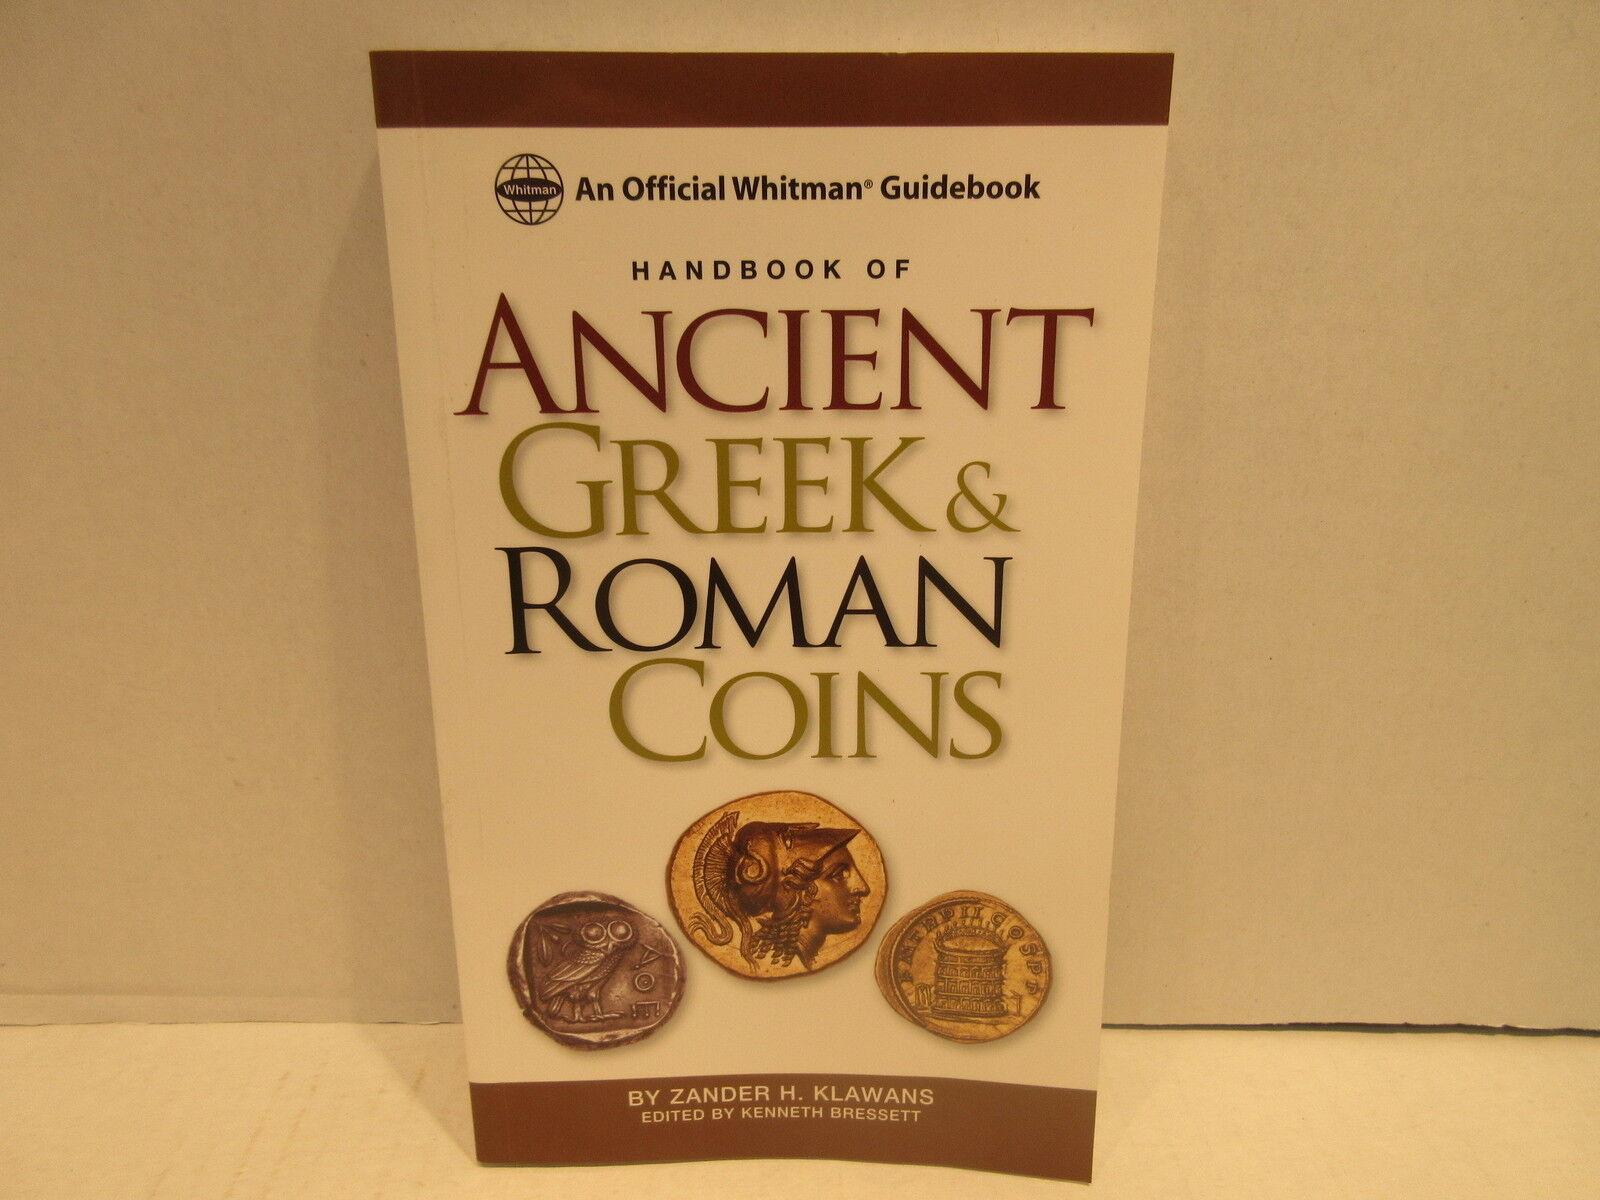 Rímske mince-čítanie a dátumové údaje rímske cisárske mince-klawans Douala datovania